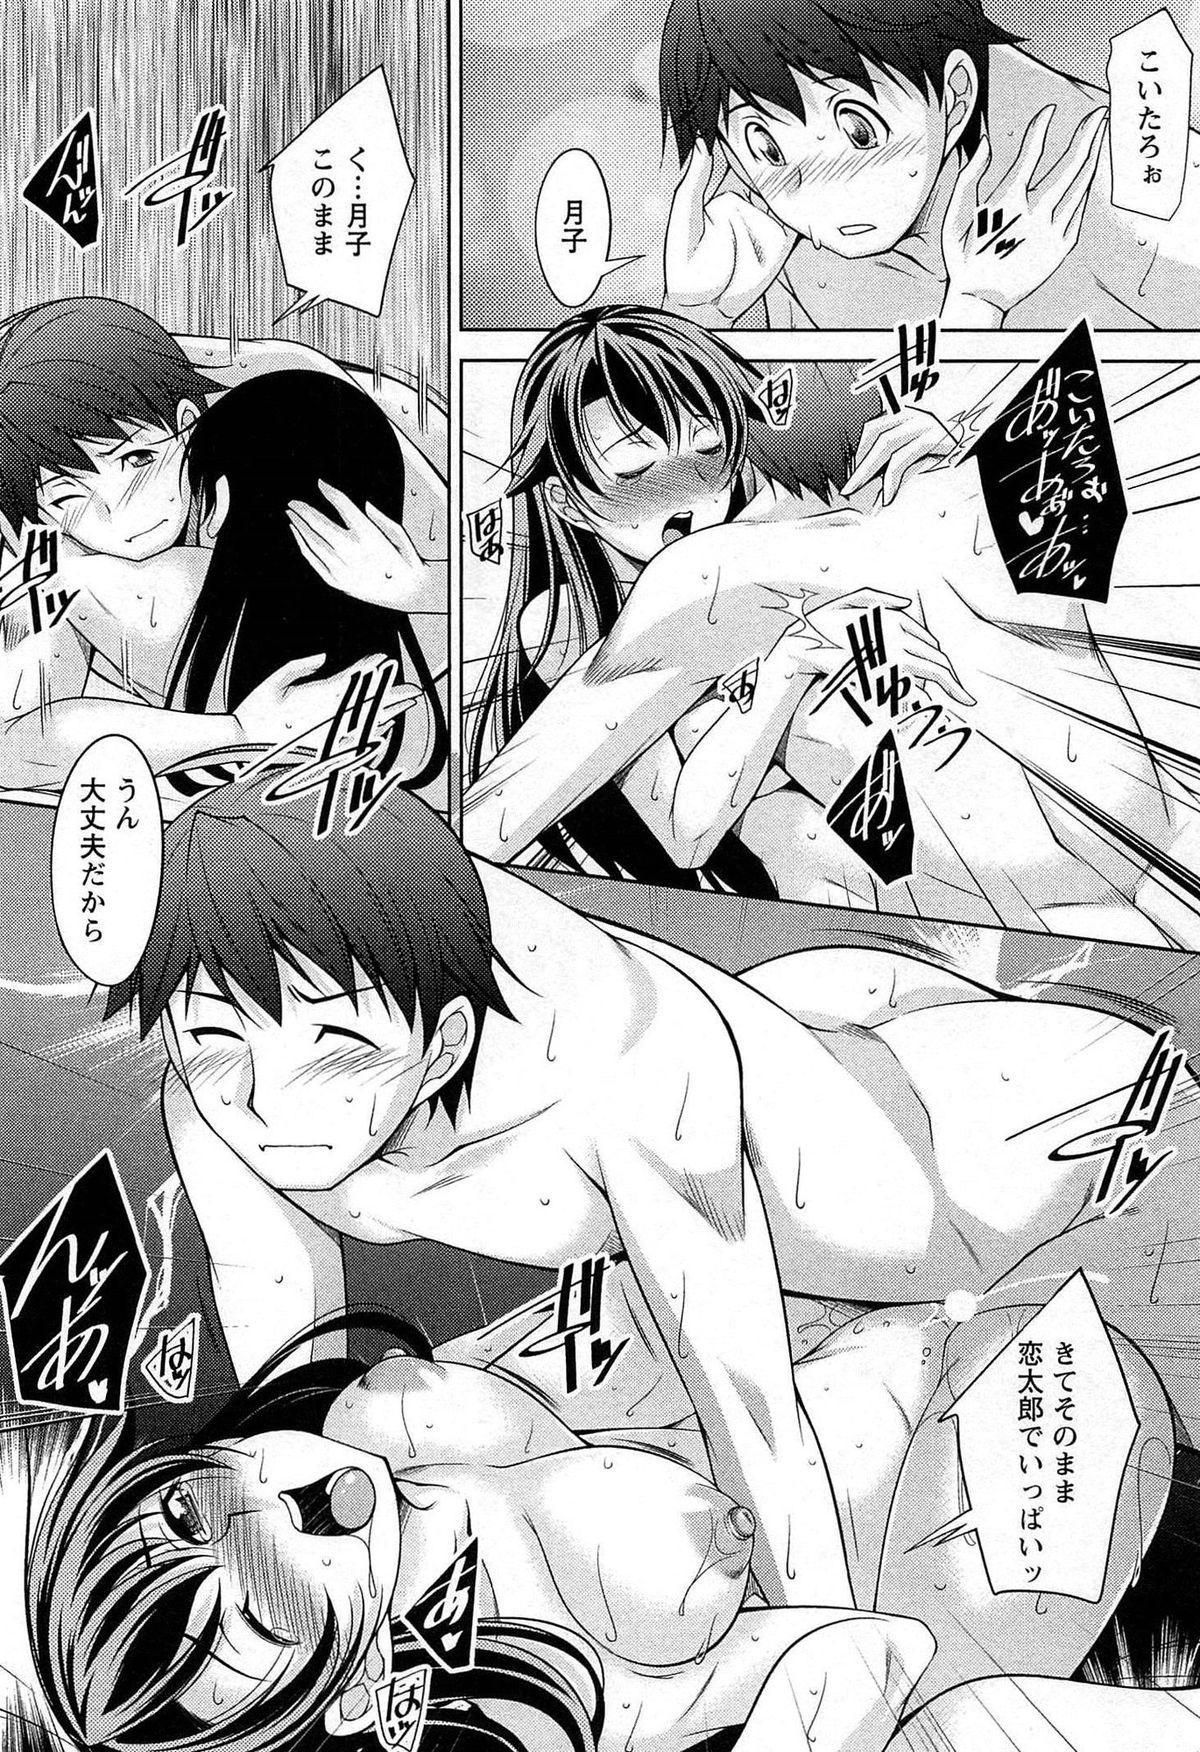 [zen9] Tsuki-wo Ai-Shite - Tsuki-ni Koi-shite 2 56